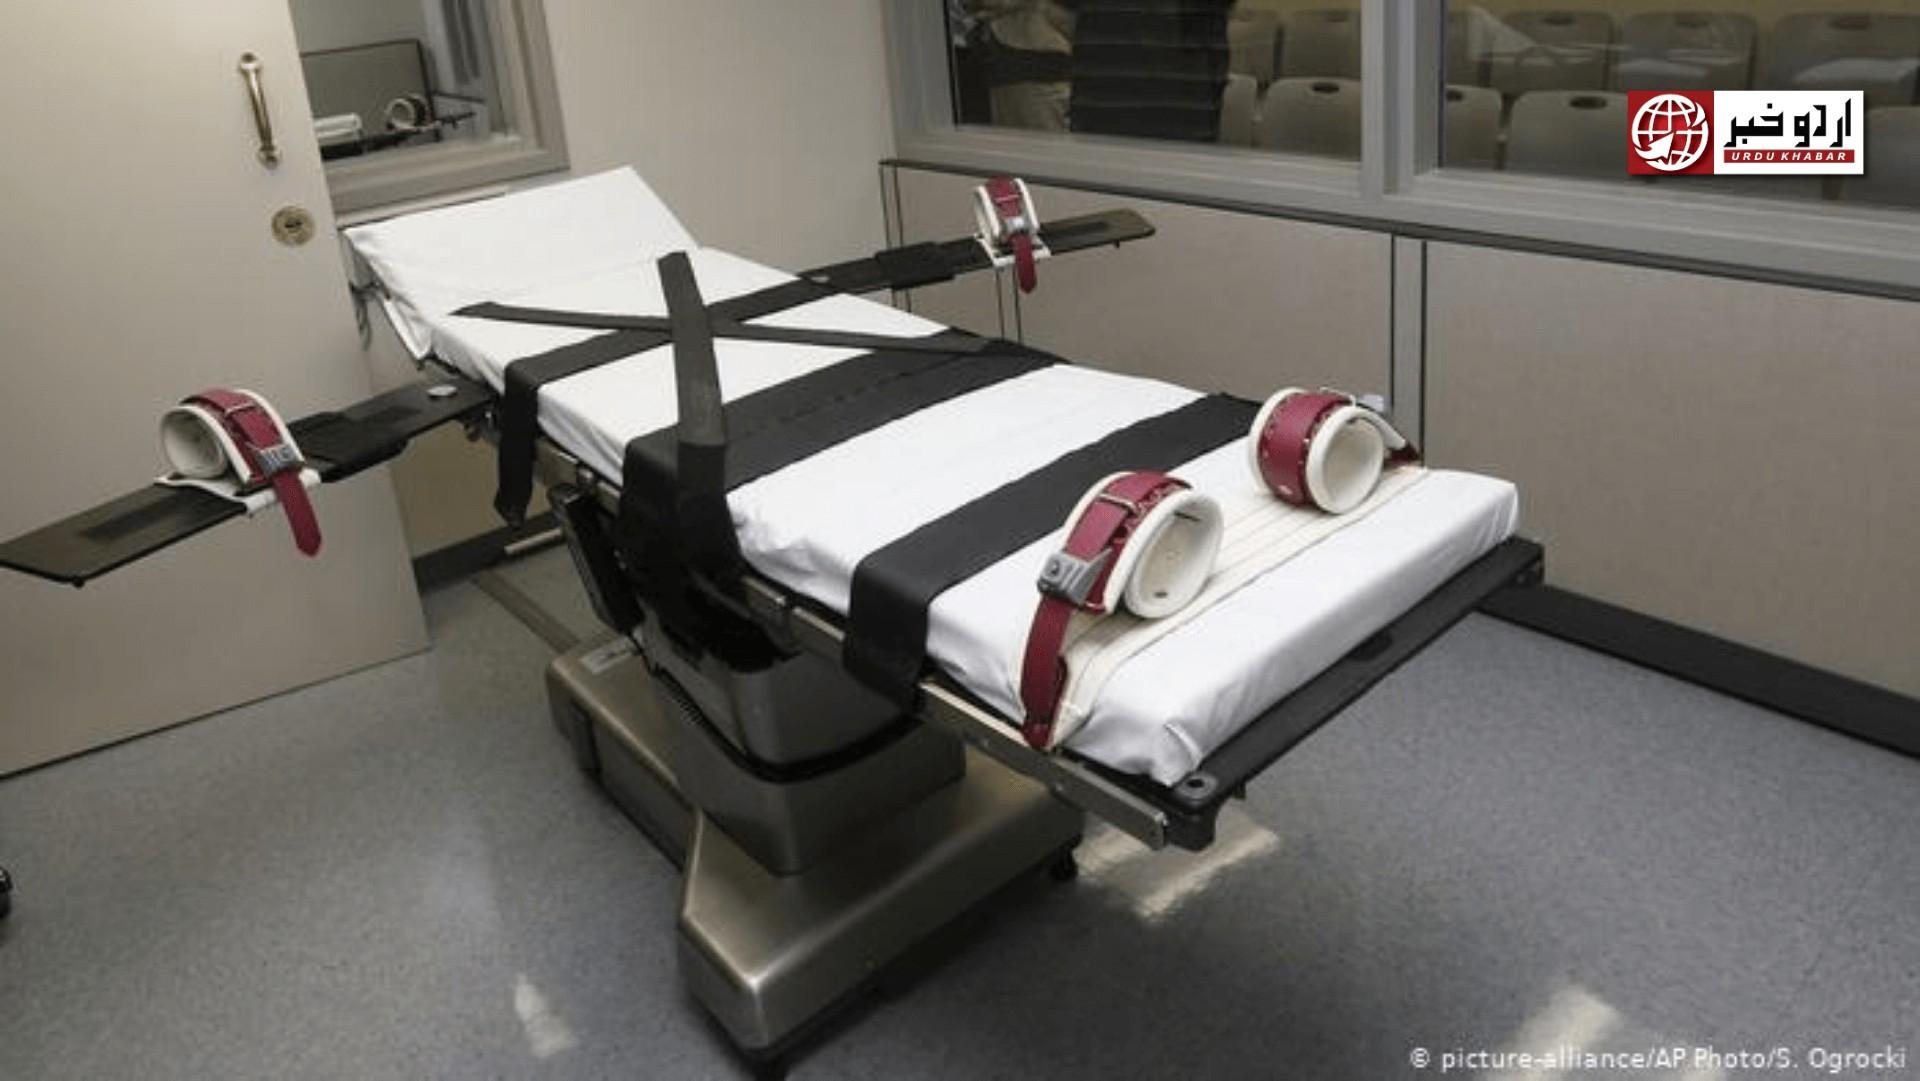 امریکہ میں 17 سال بعد وفاقی حکومت کی جانب سے قتل کے مجرم کو سزائے موت